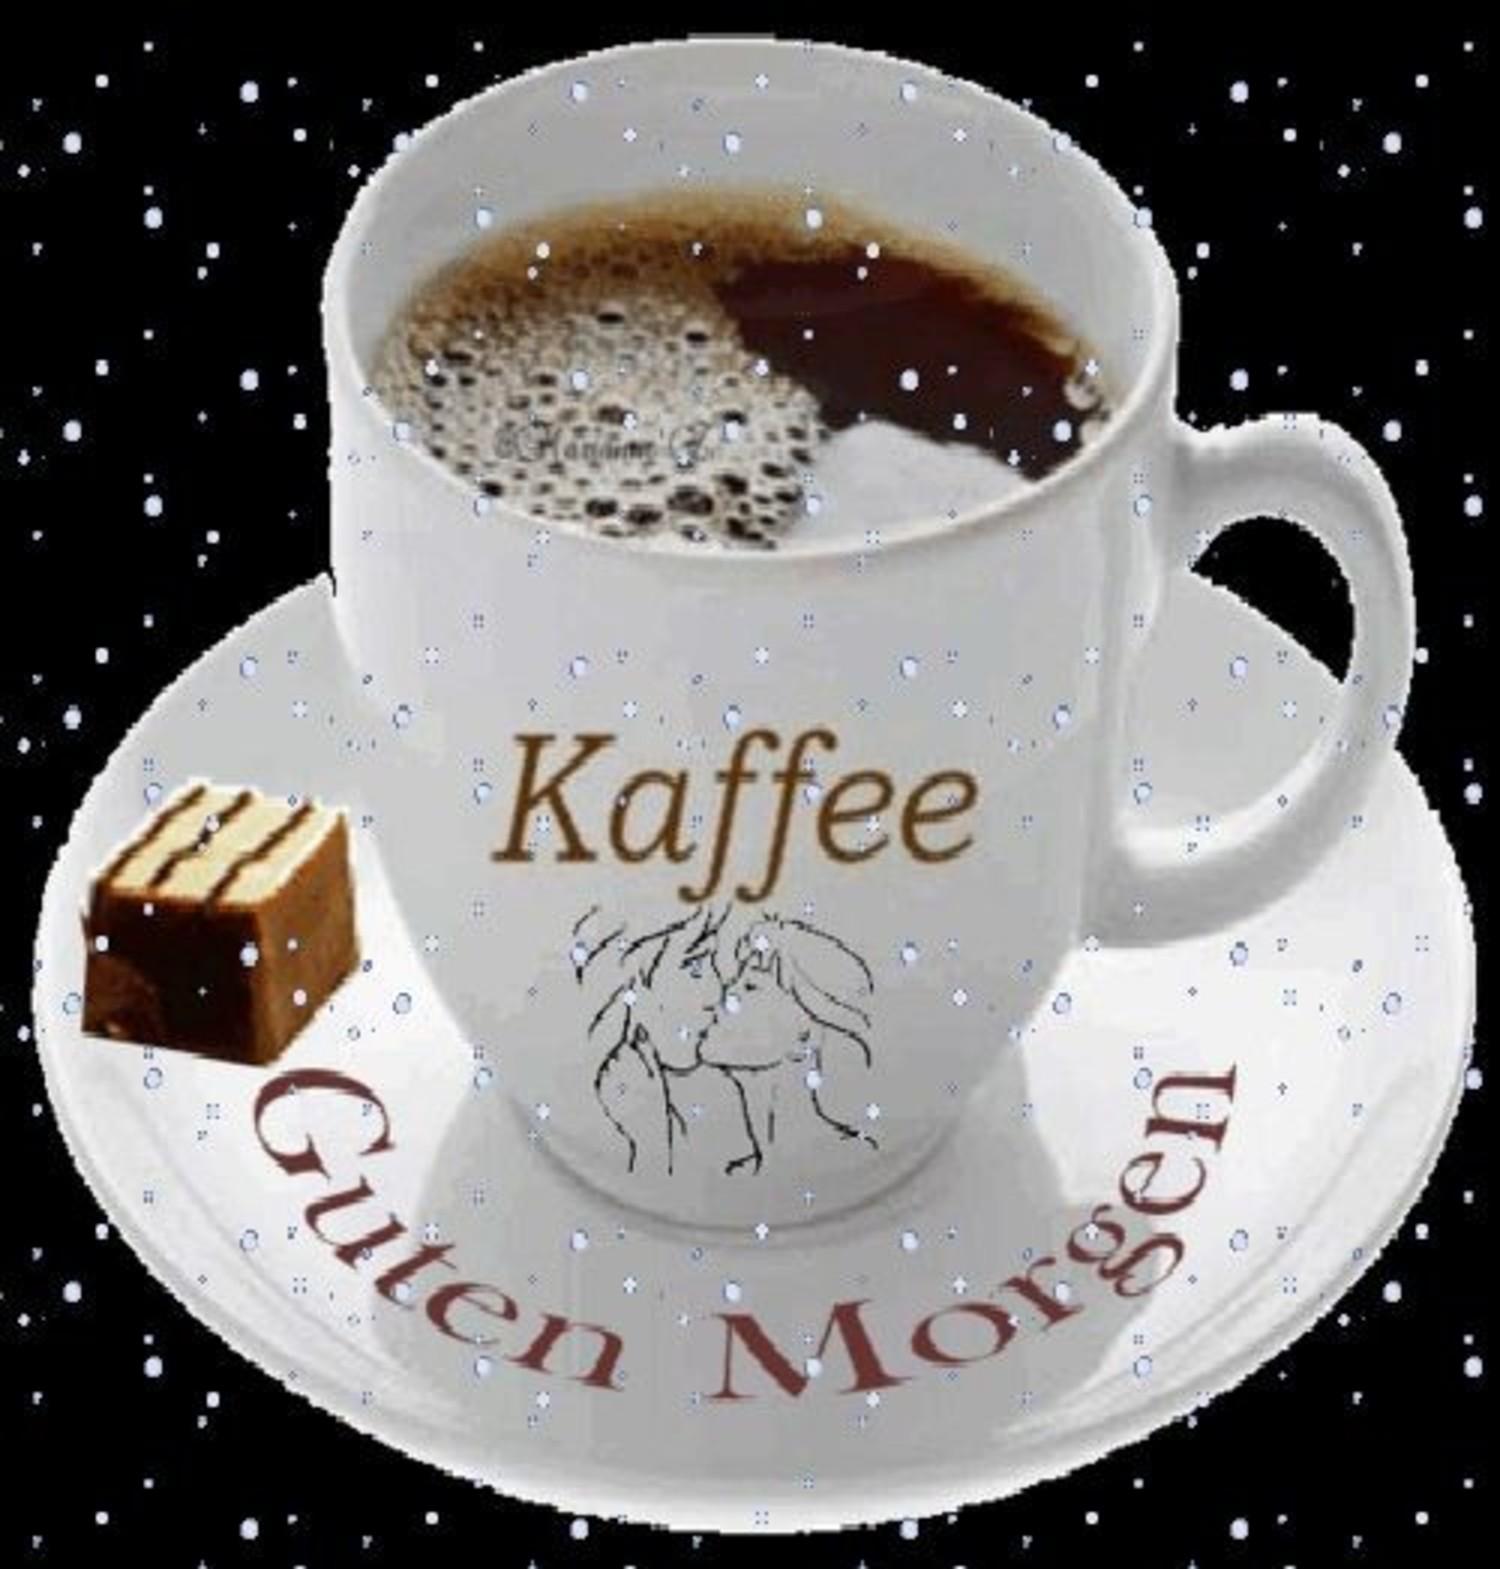 Kaffee Guten Morgen 501